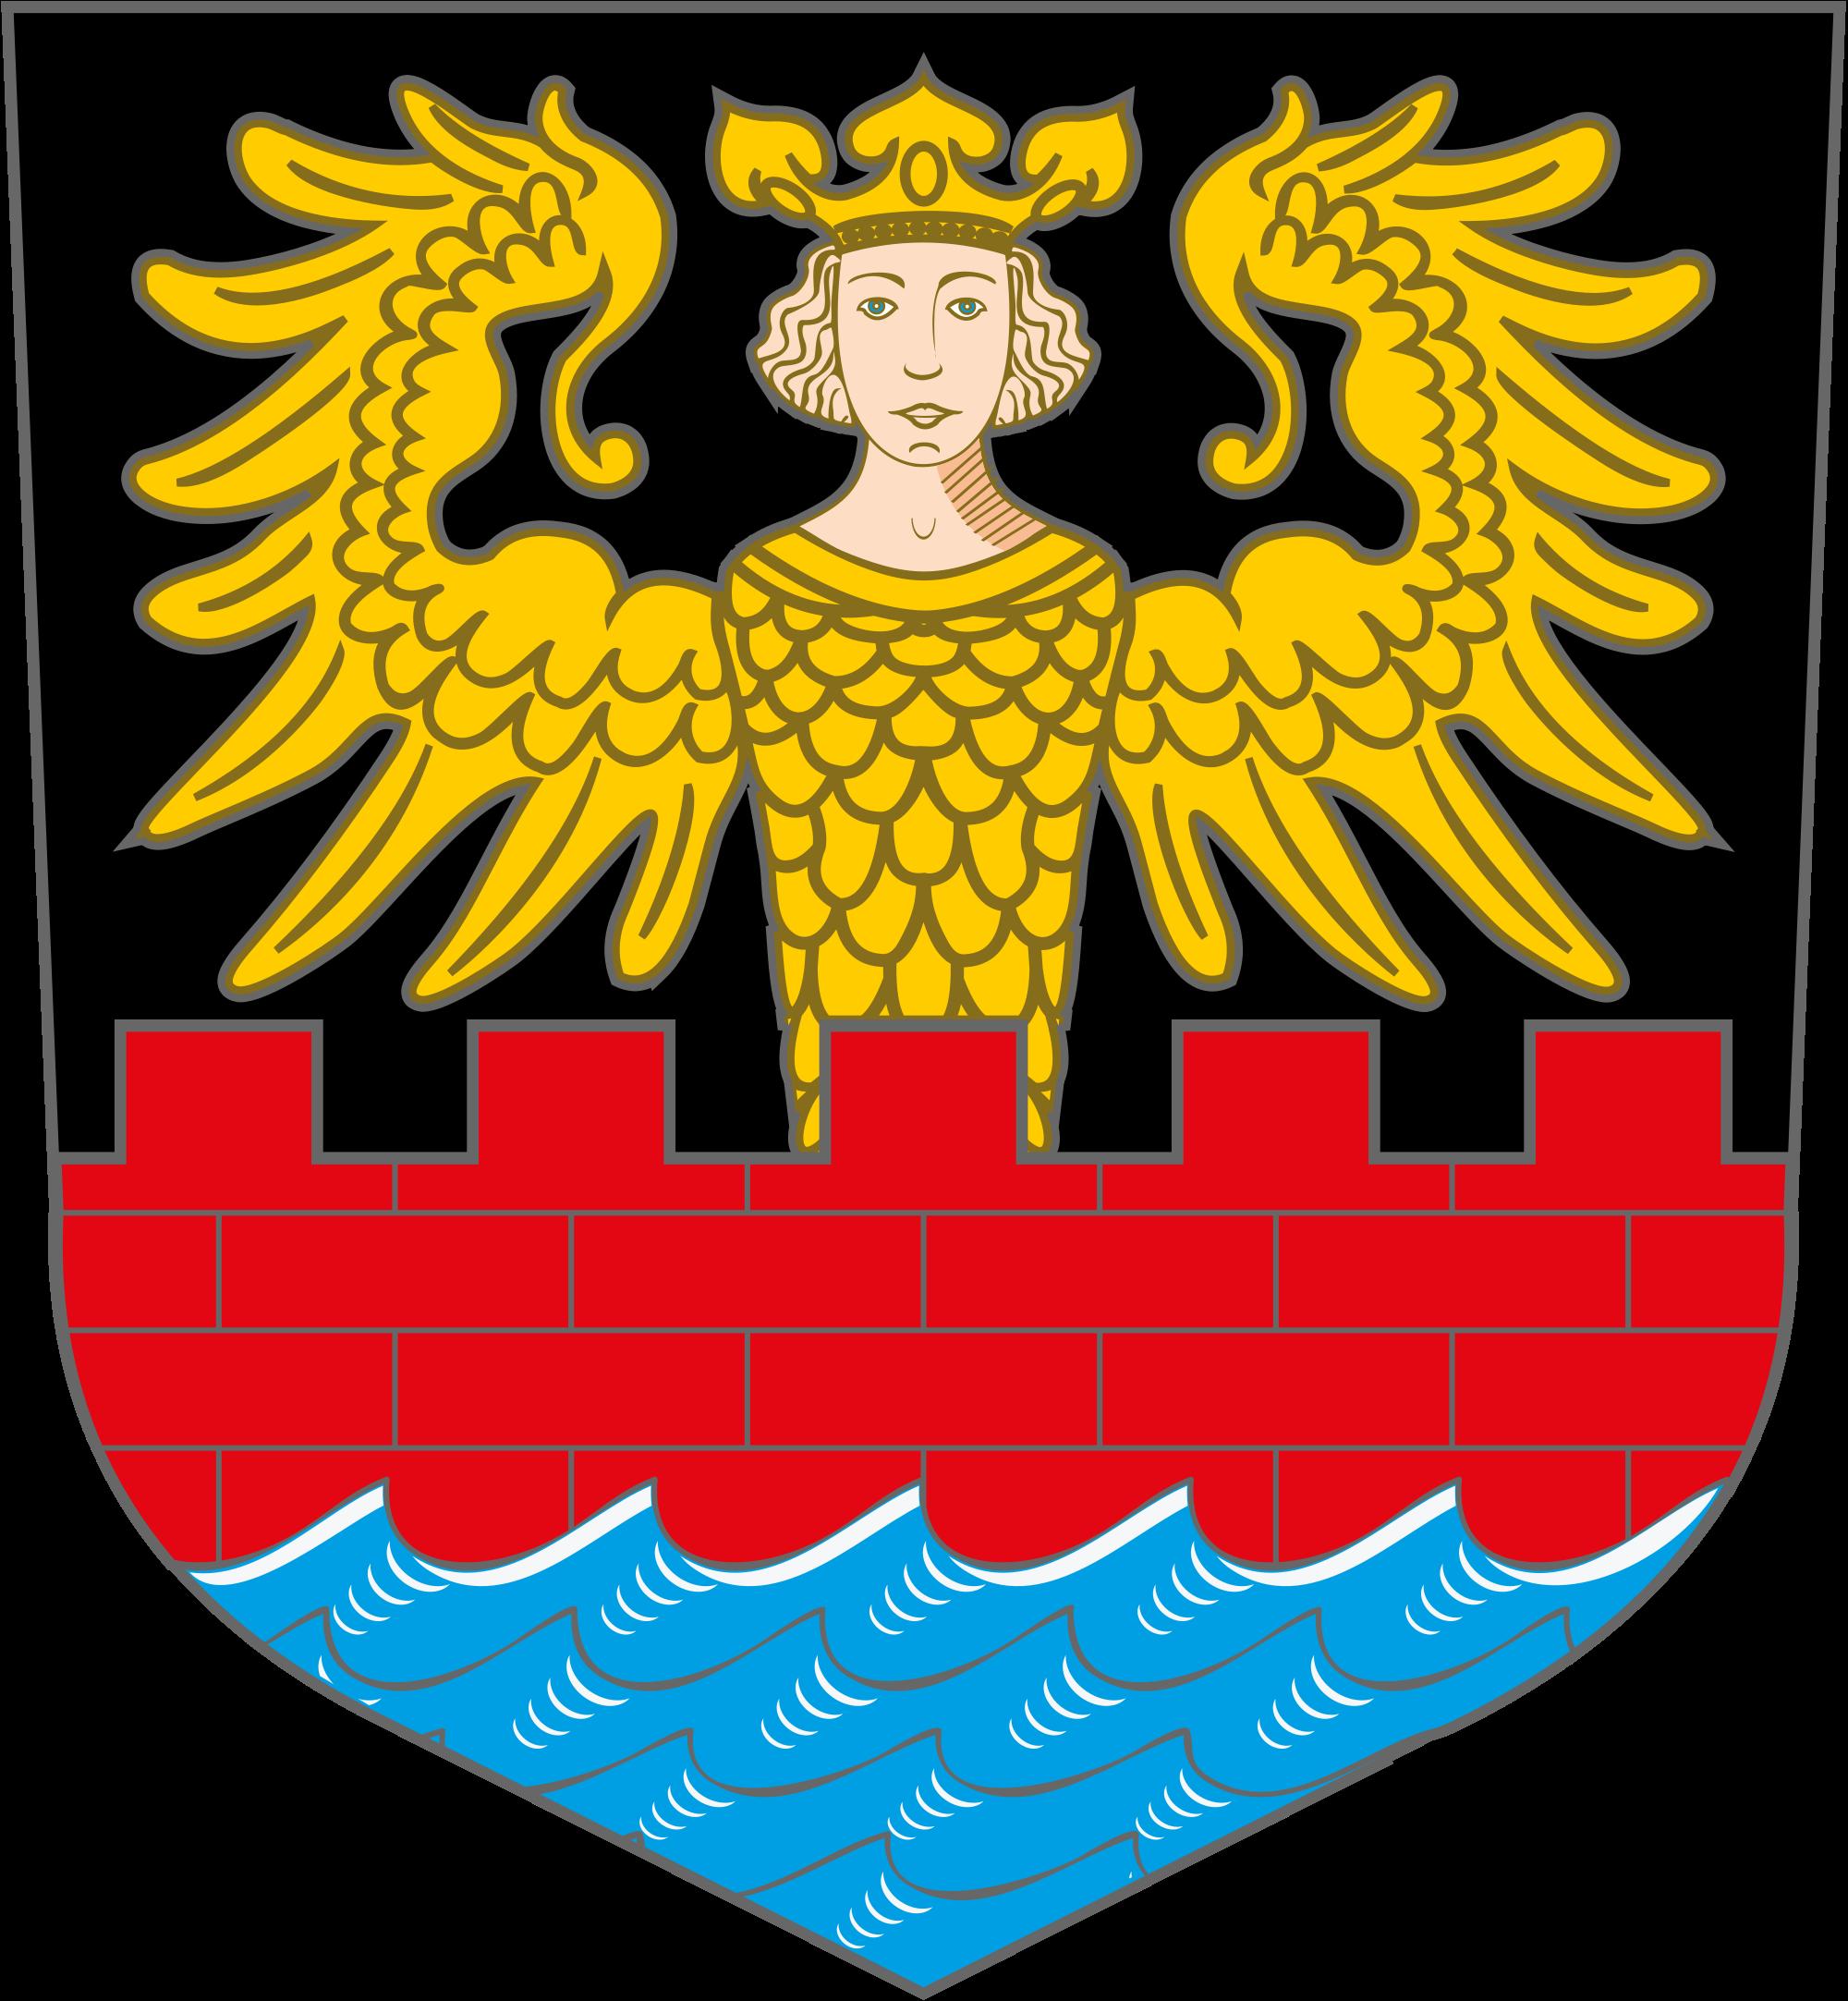 File:Wappen Emden.svg.